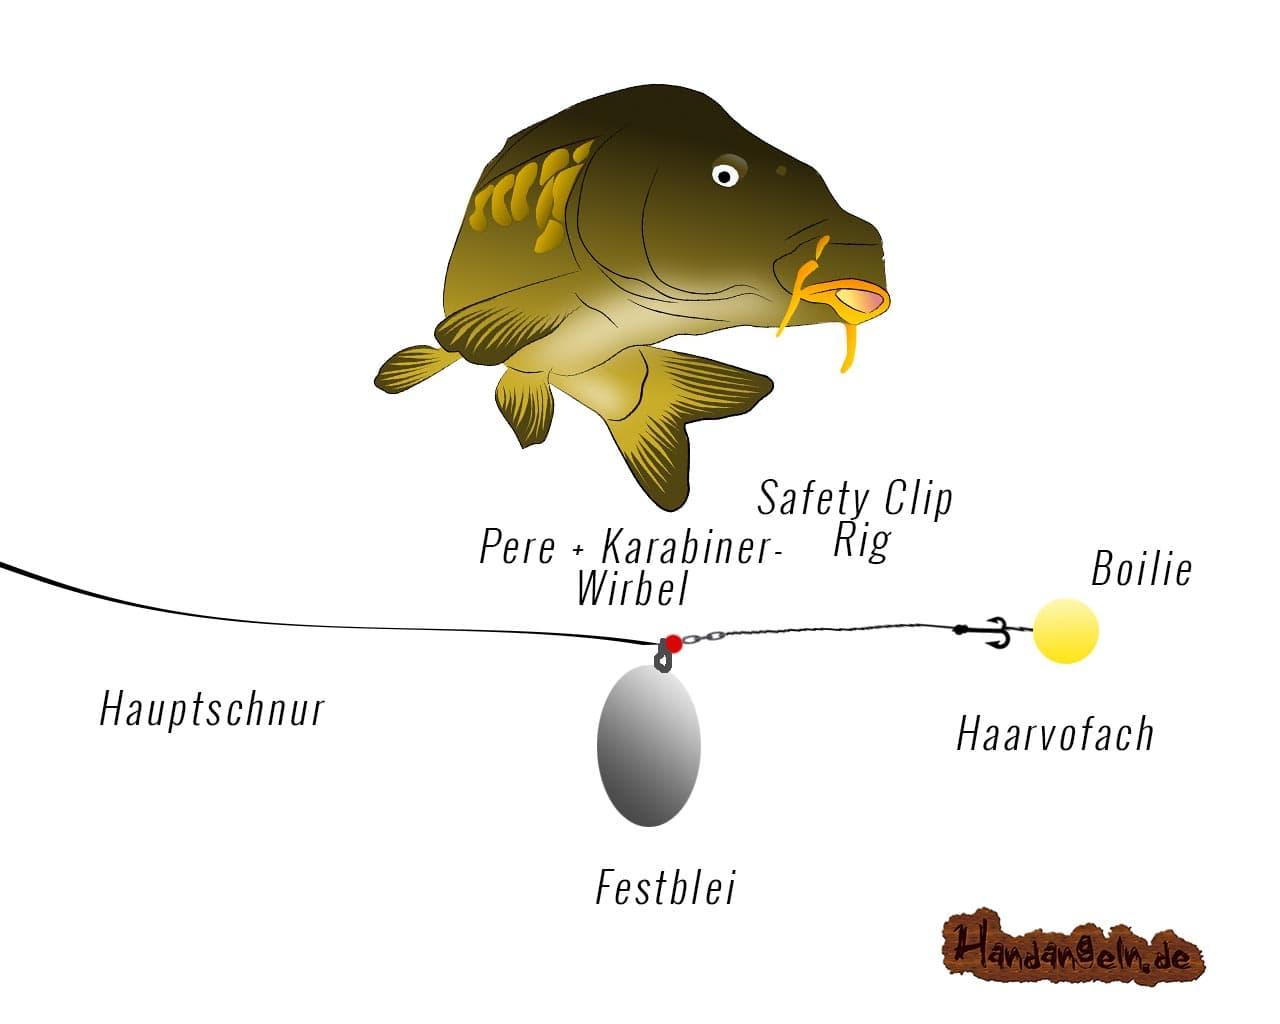 Festbleimontage Karpfen Anleitung Karpfenangeln